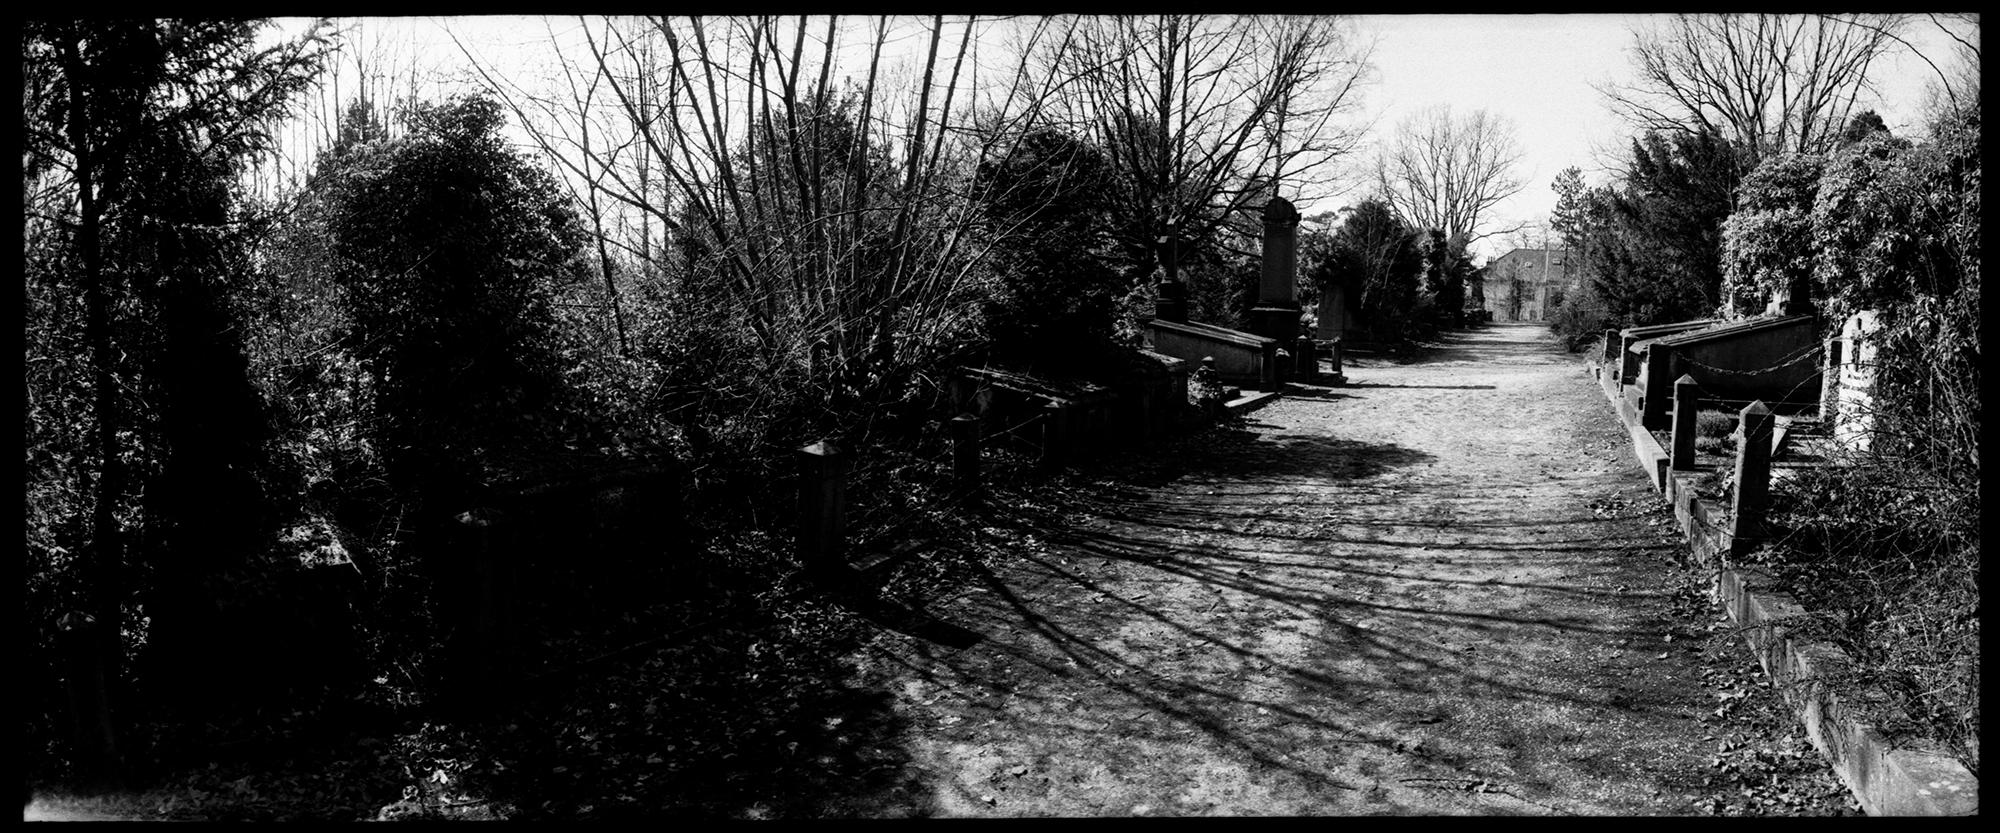 Dieweg Cemetery by Laurent Orseau #44